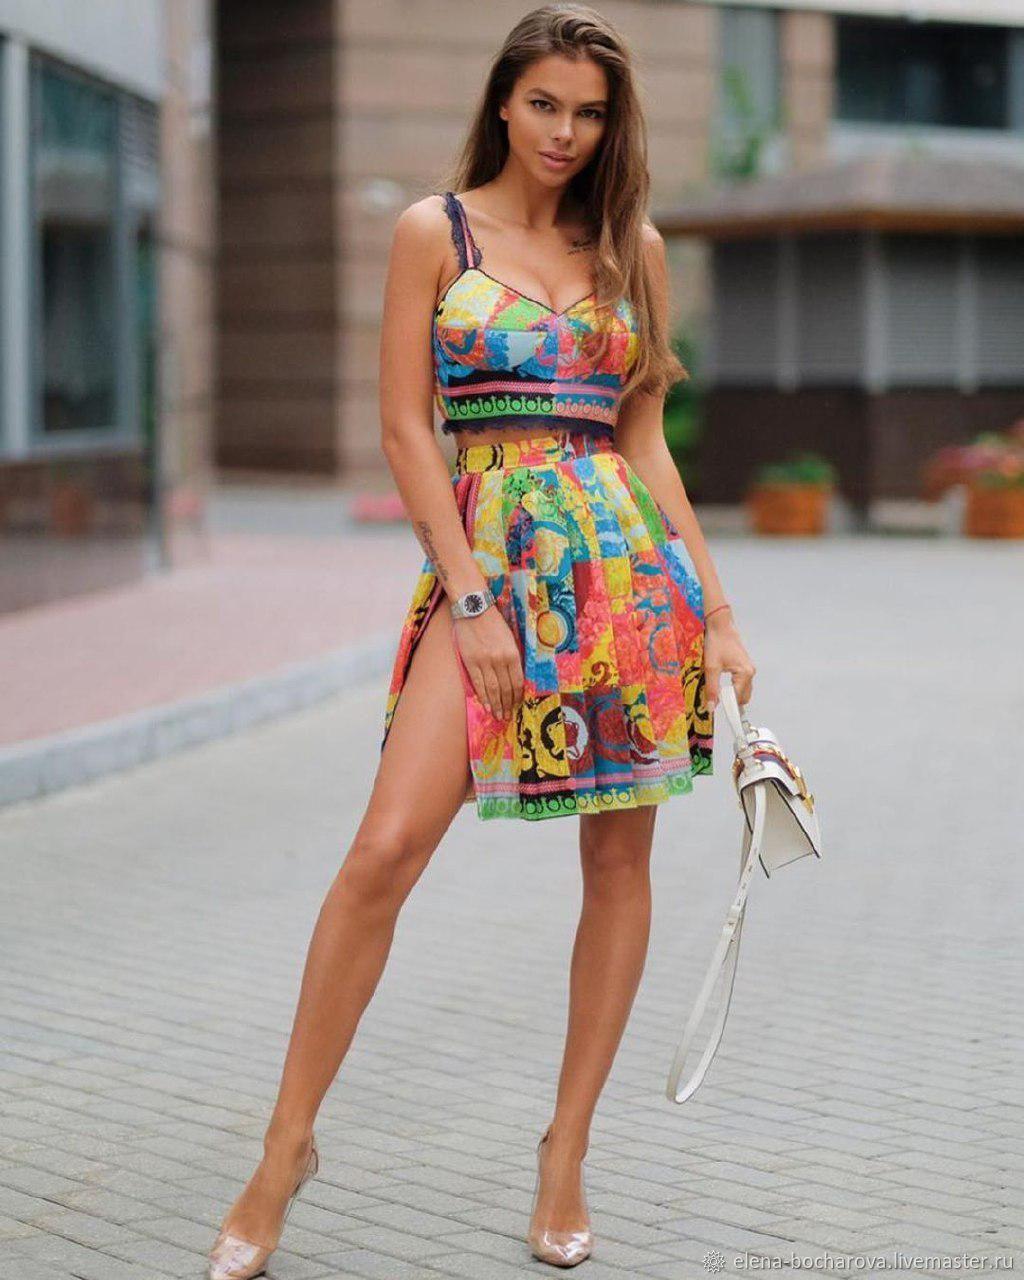 Шелковый женский костюм, Костюмы, Москва, Фото №1